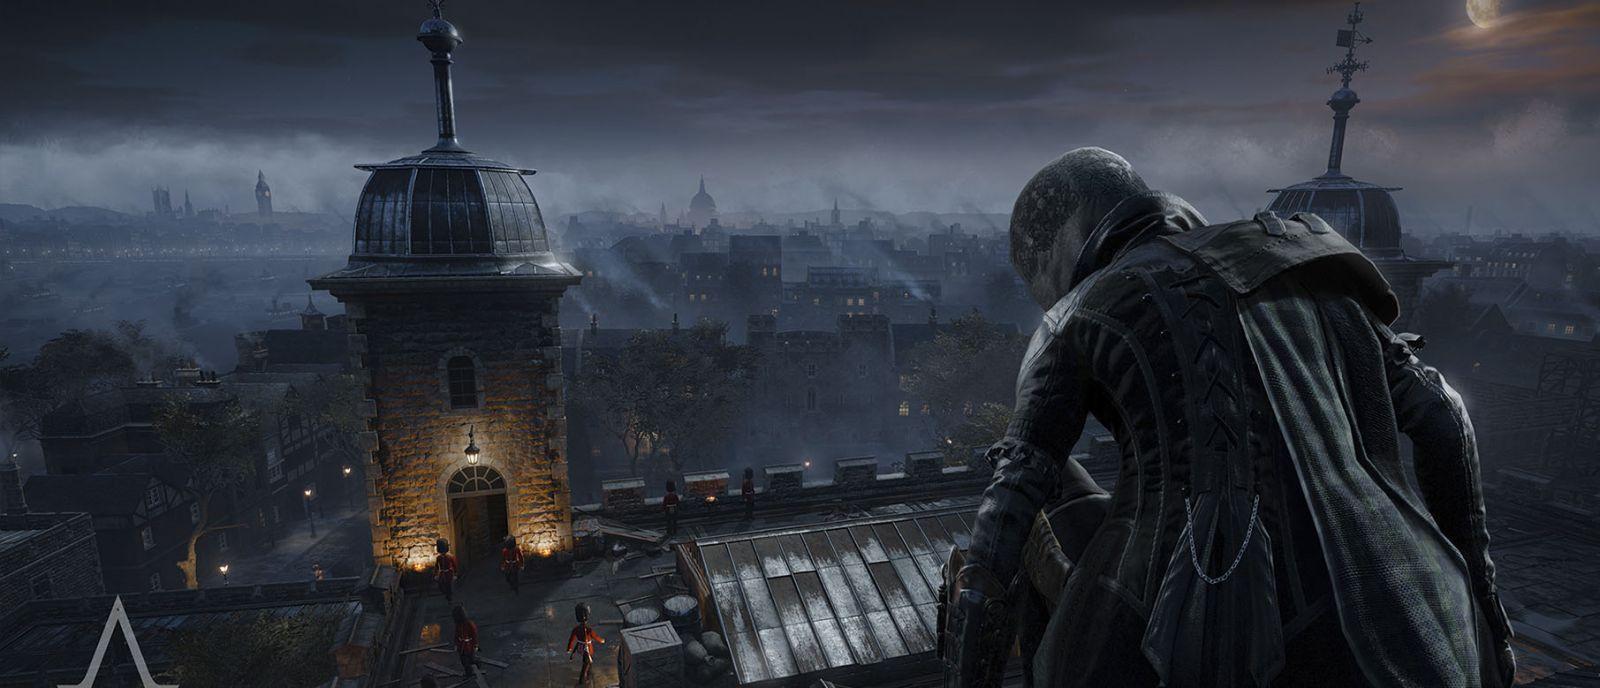 Компания Epic Games бесплатно разадаст копии игры Assassin's Creed Syndicate (69054734)